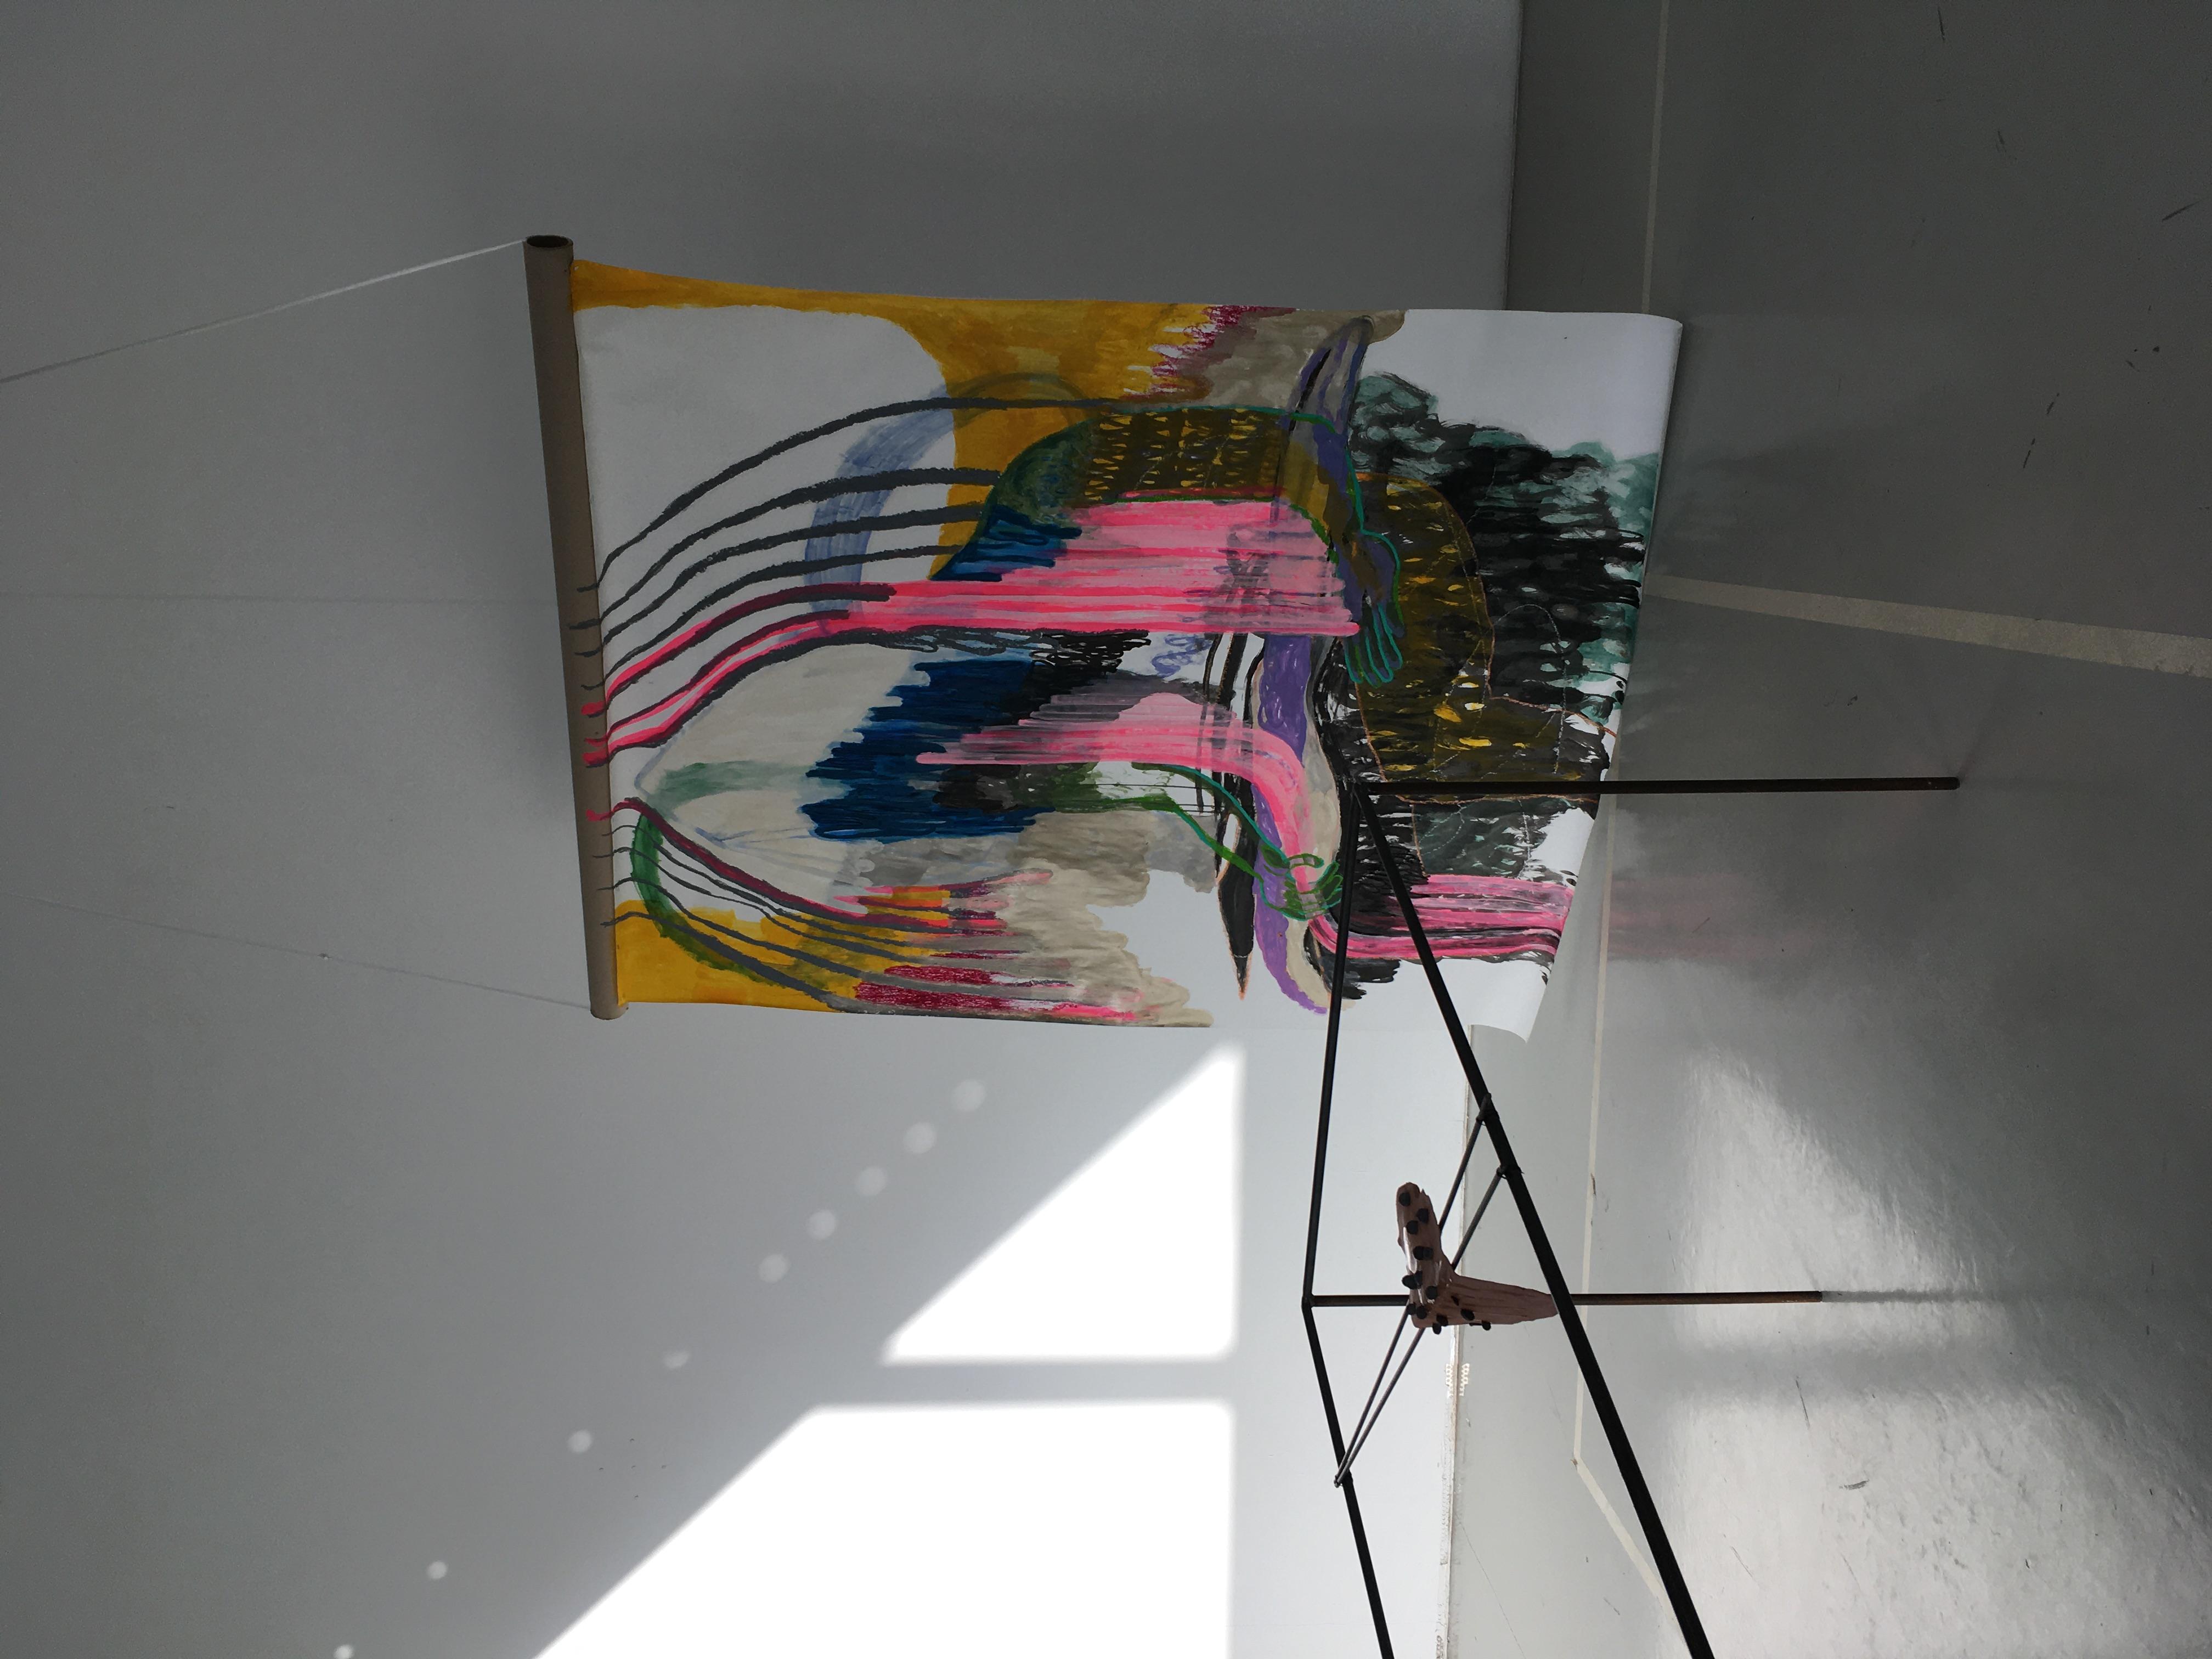 Installationsansicht, 2019